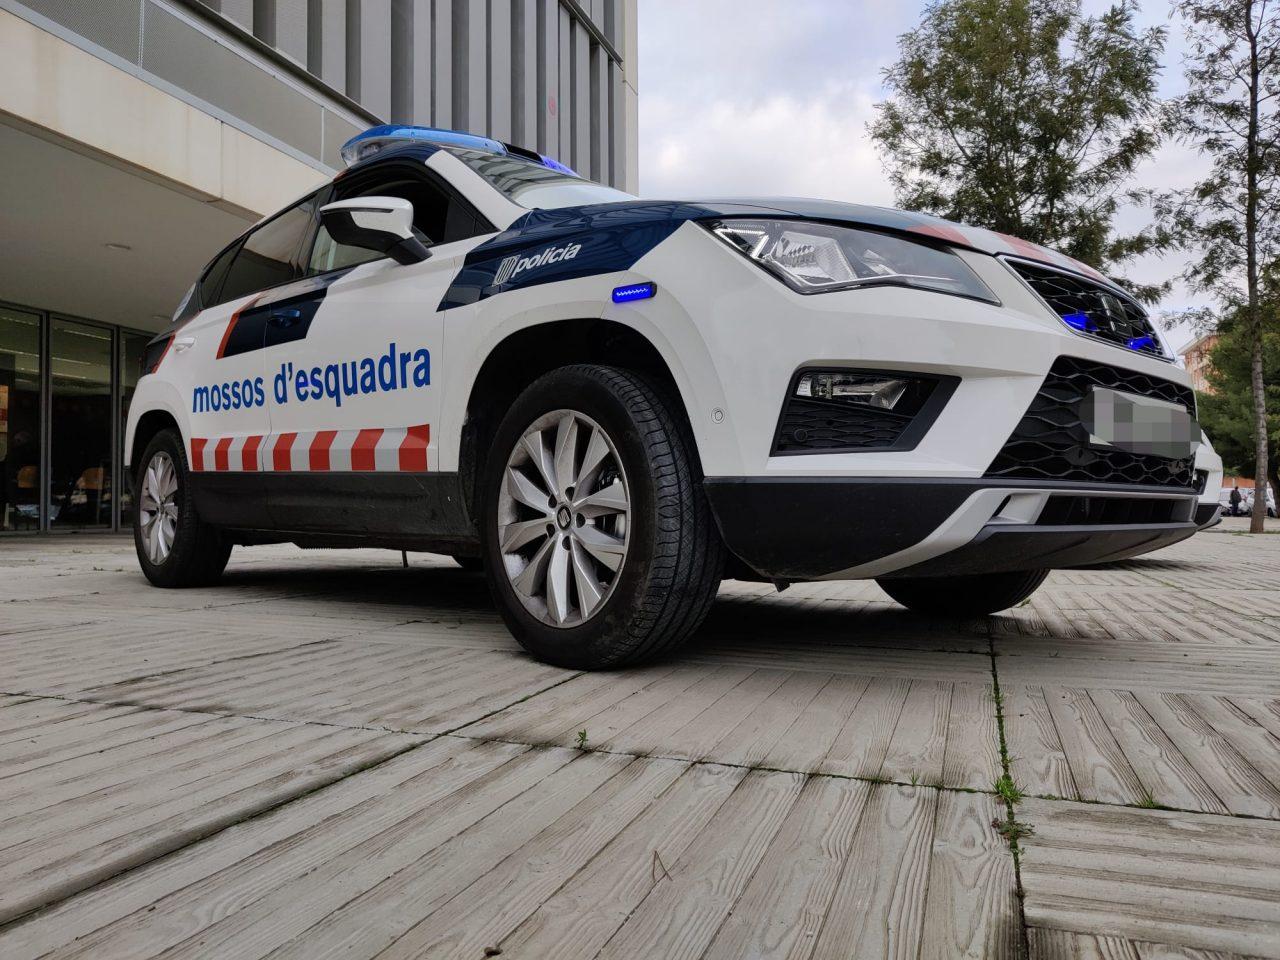 Cotxe-mossos2-1280x960.jpg